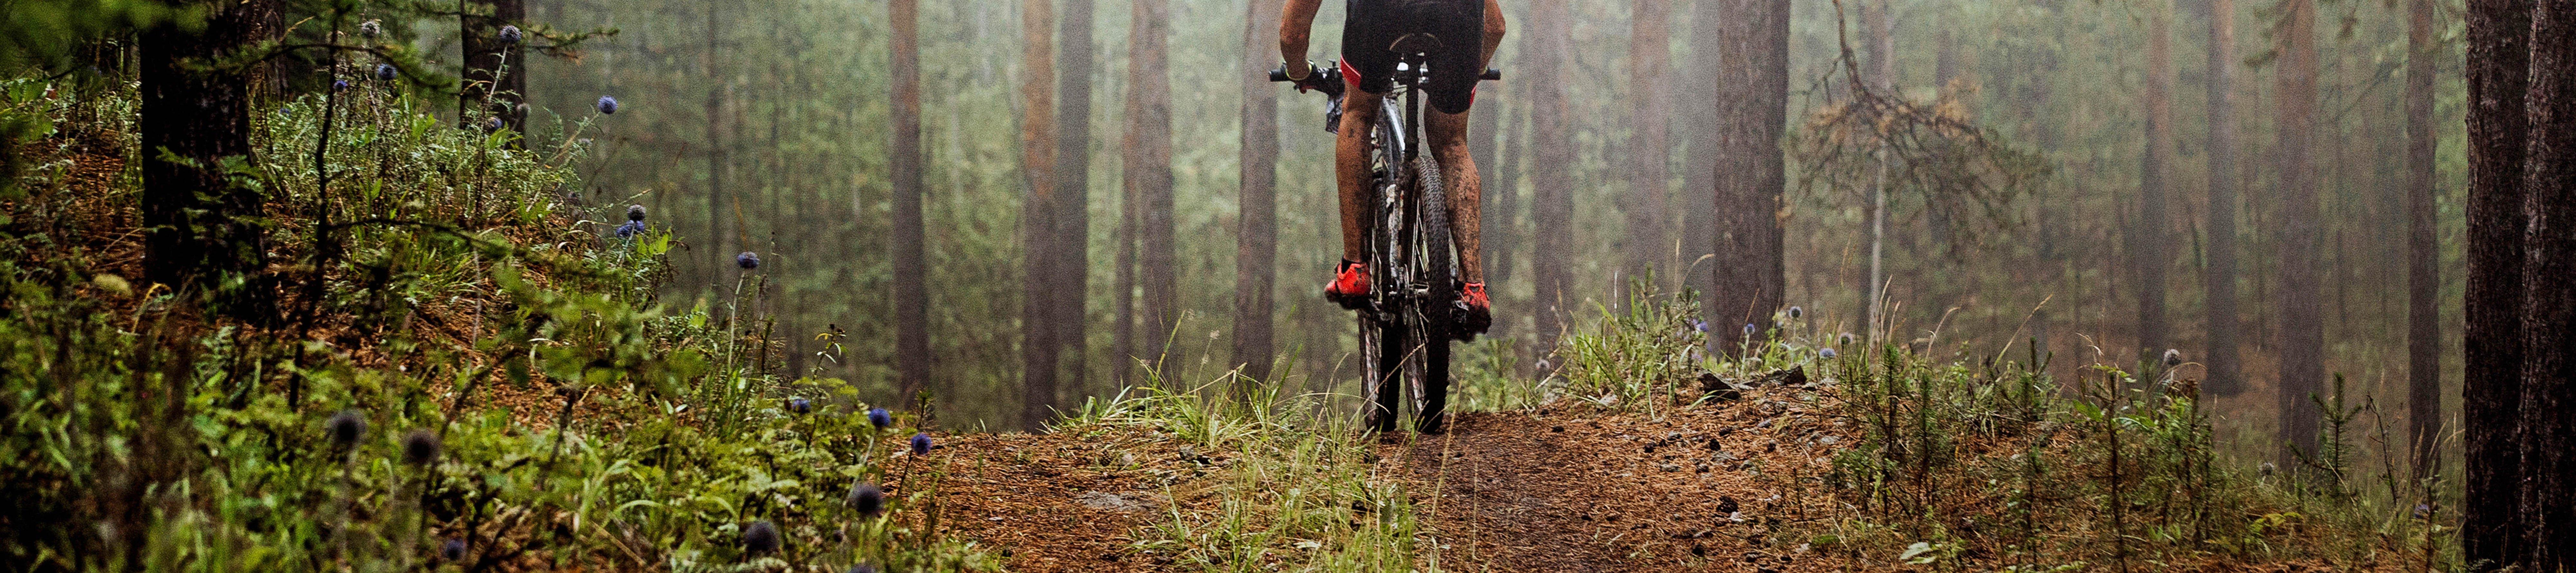 Costa Rica - bike